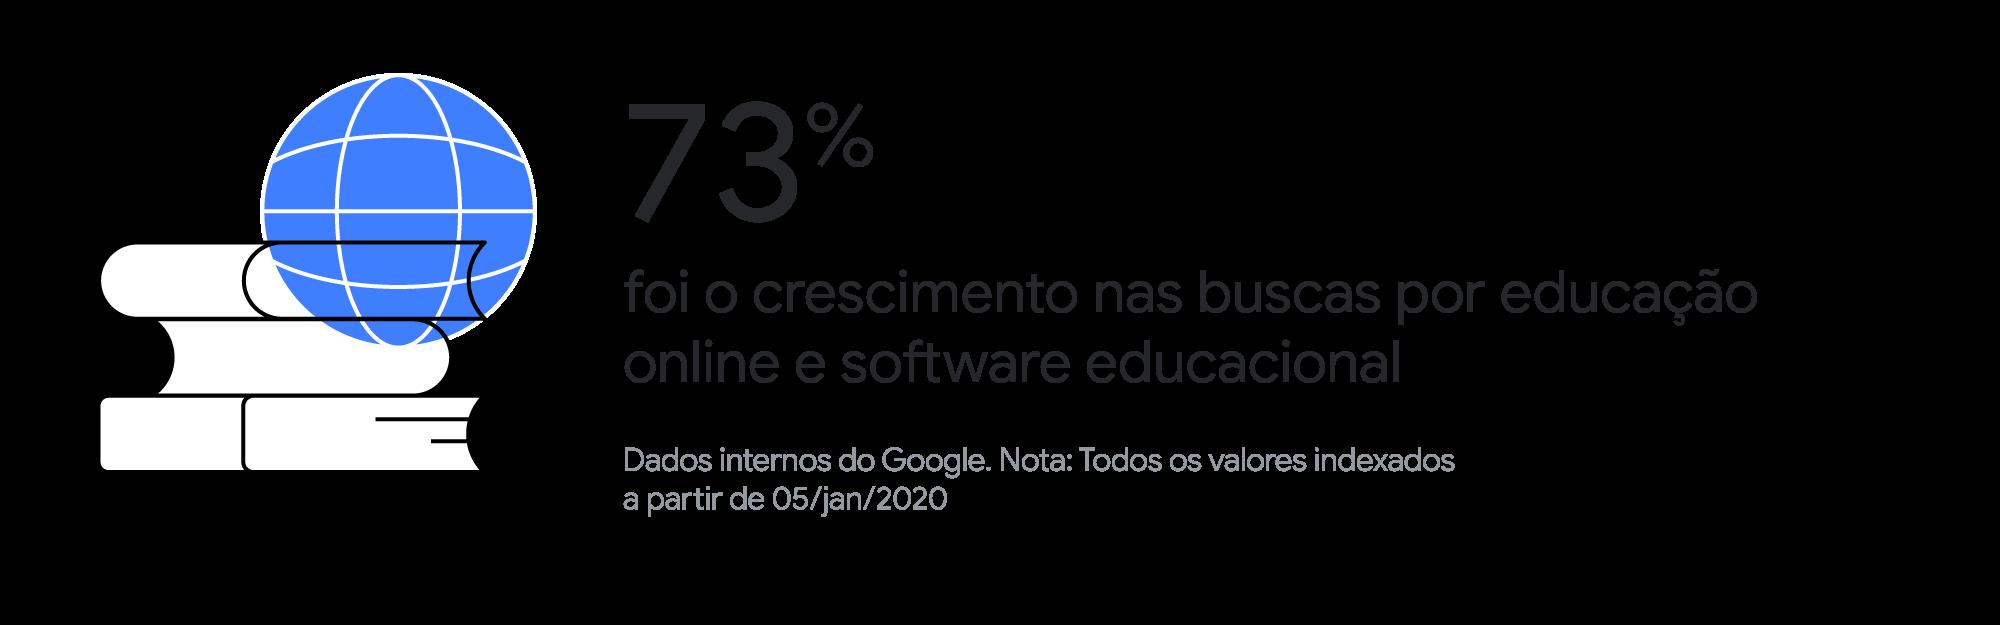 Economia digital: como os brasileiros têm procurado por produtos e serviços de startups durante a pandemia